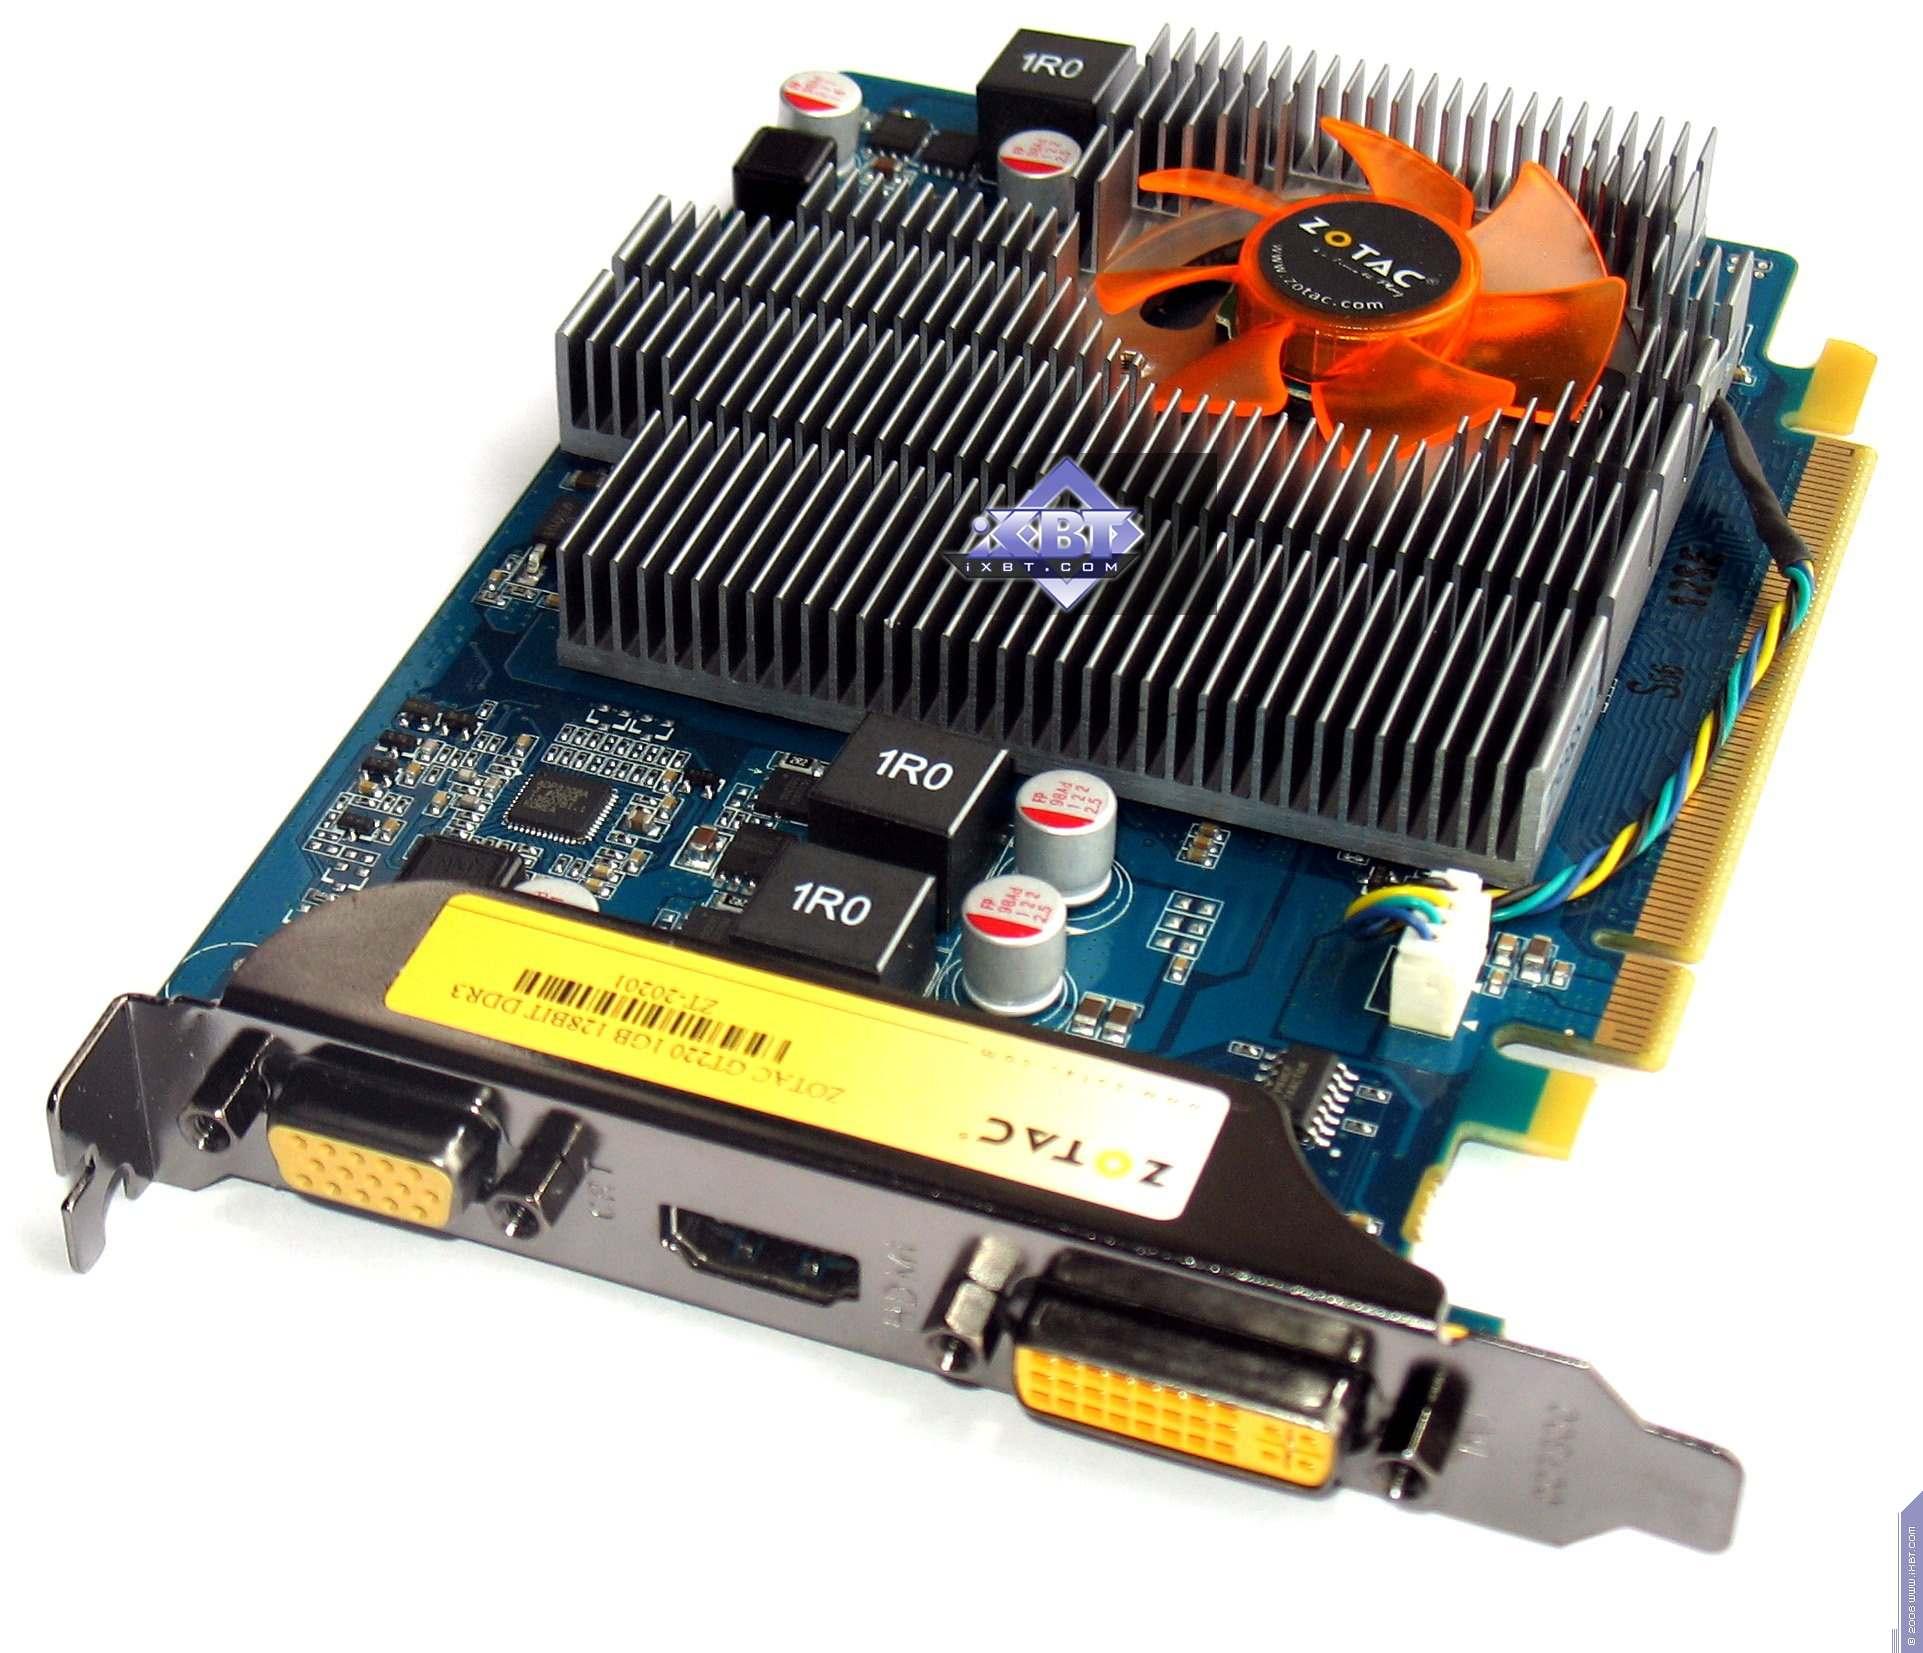 Скачать драйвер nvidia geforce gt 220 бесплатно.